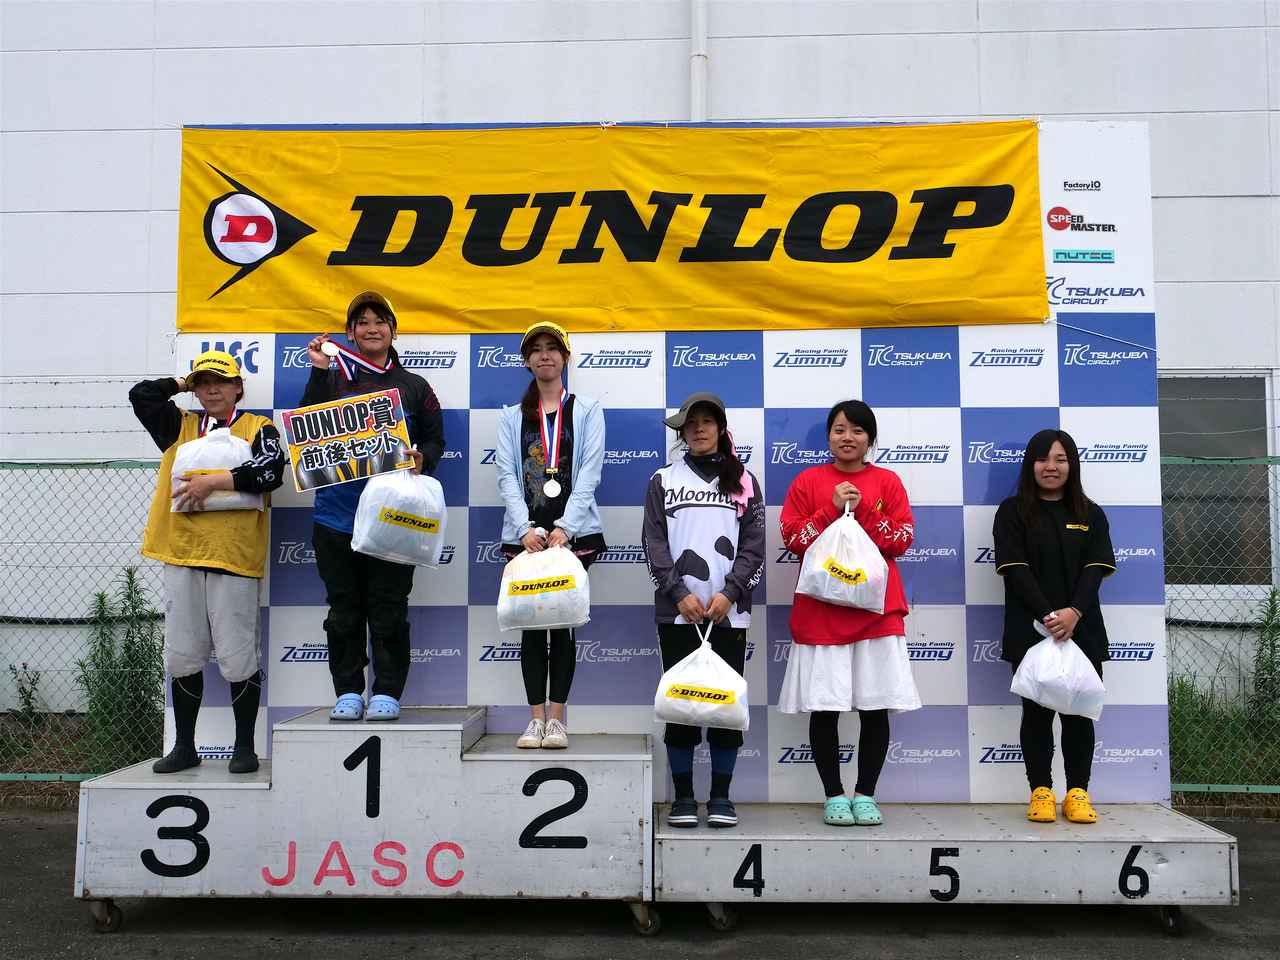 画像: 1位・石渡愛美、2位・岡野月子、3位・吉岡由紀子、4位・土橋朋子、5位・草野涼子、6位・朝永昭子 各クラスのウイナーには、ダンロップ賞としてタイヤ1セットが贈られる。